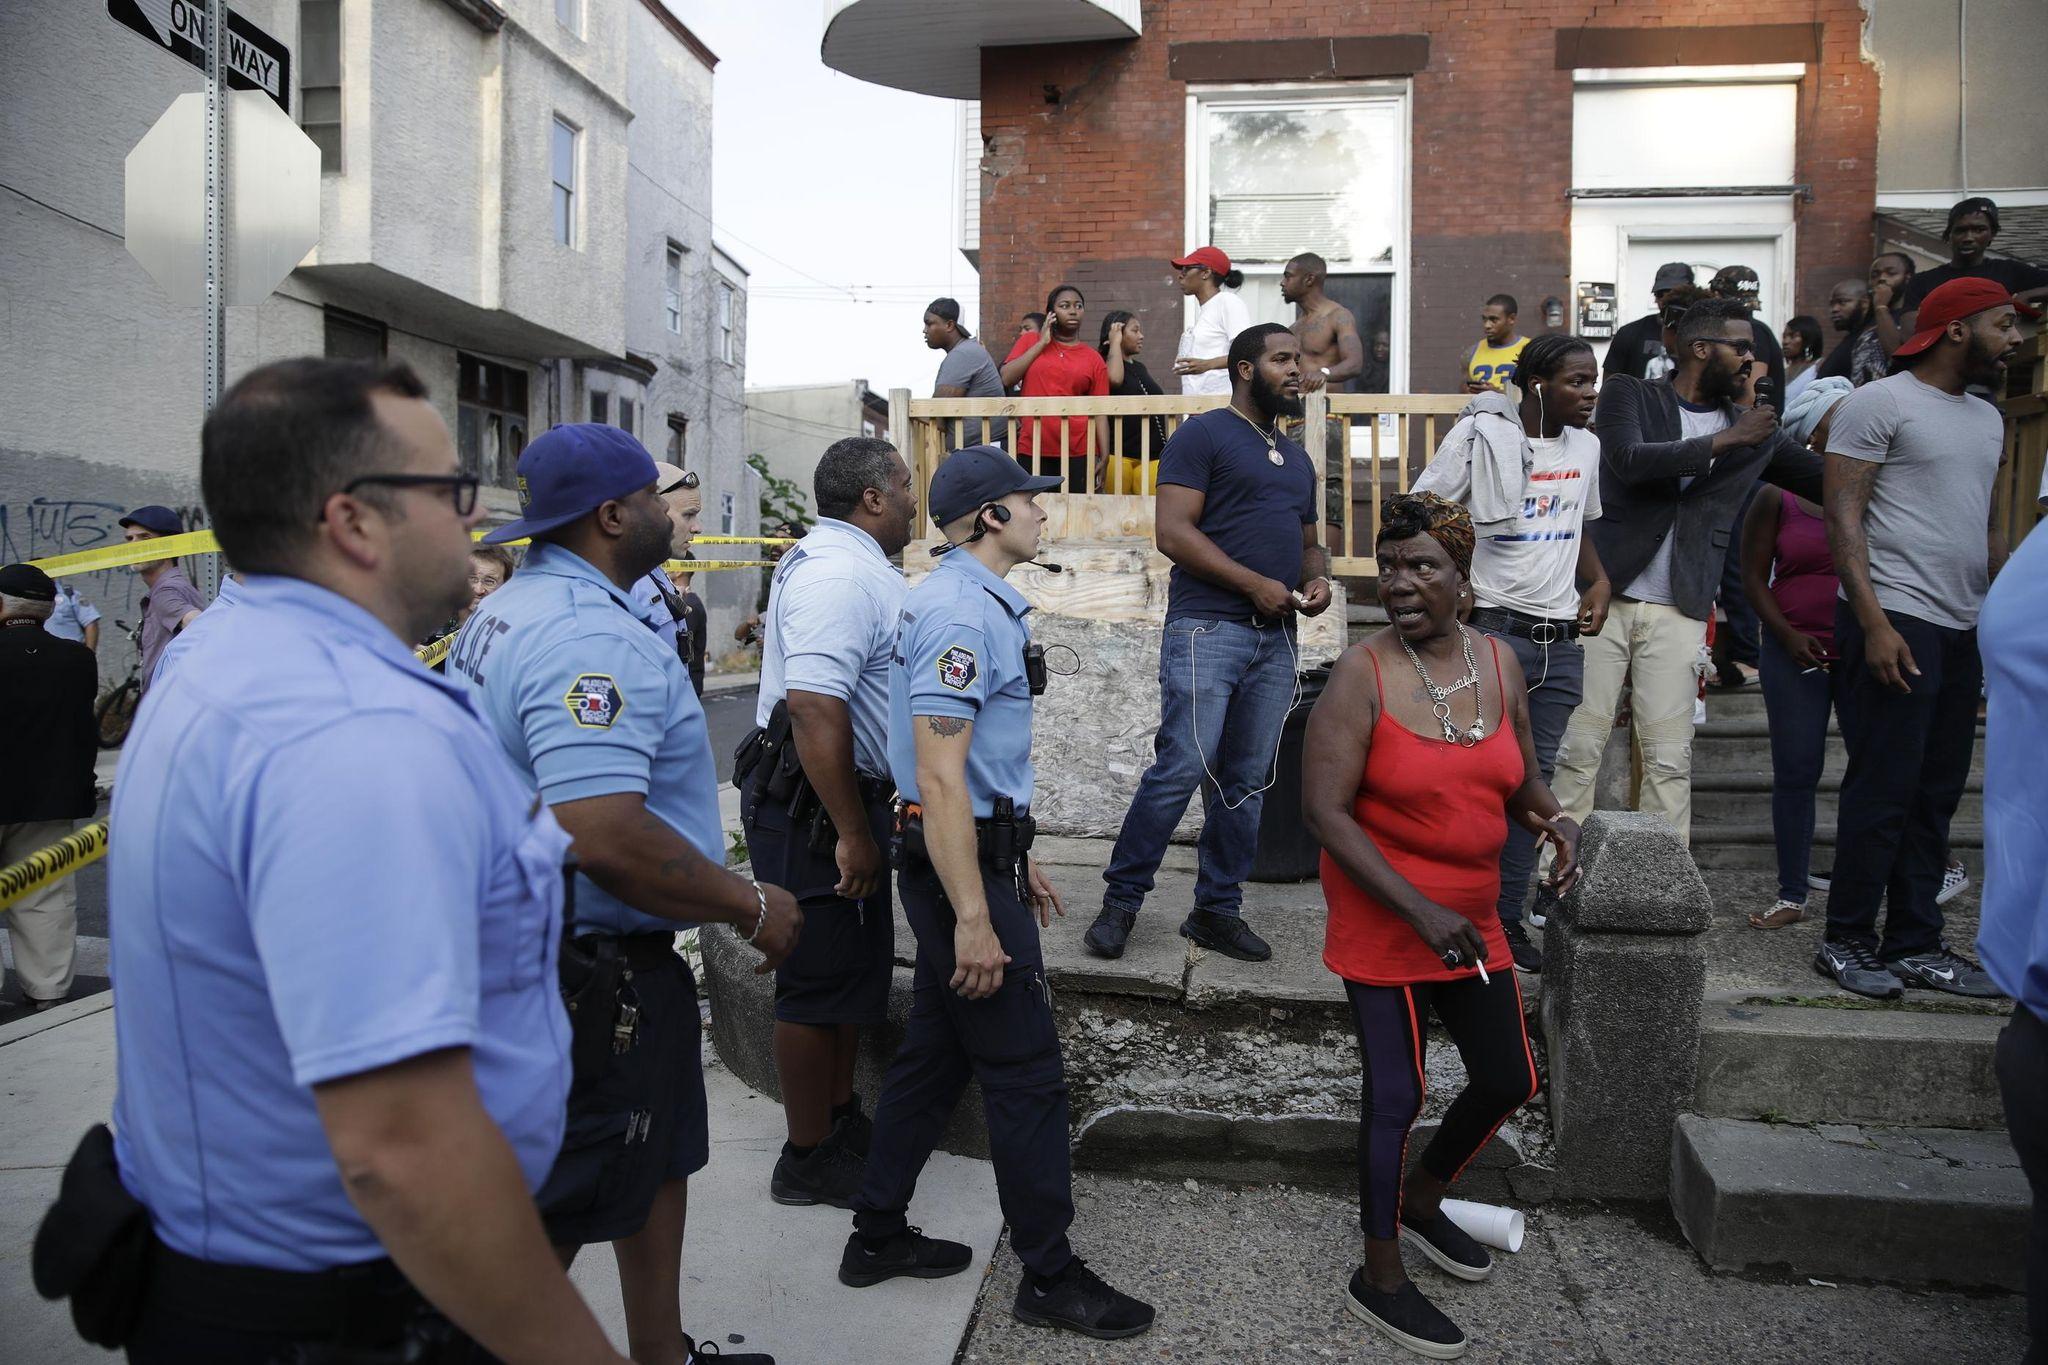 War on cops in Philadelphia